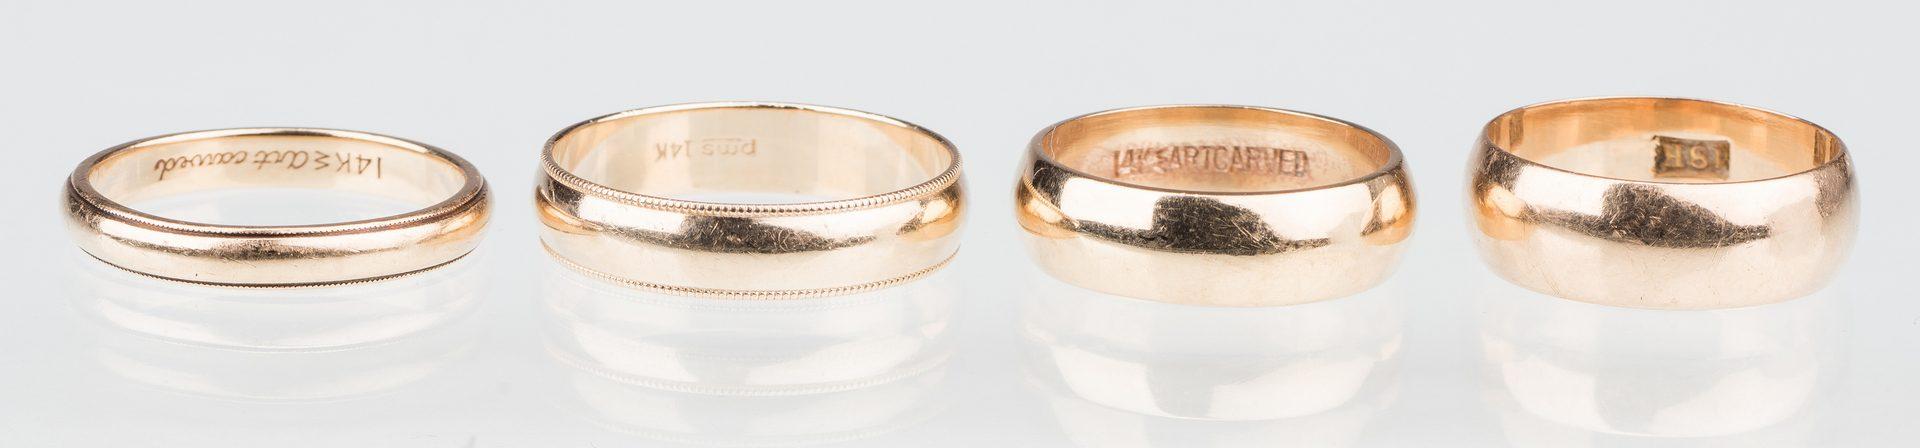 Lot 534: 4 gold wedding bands, 14K & 18K